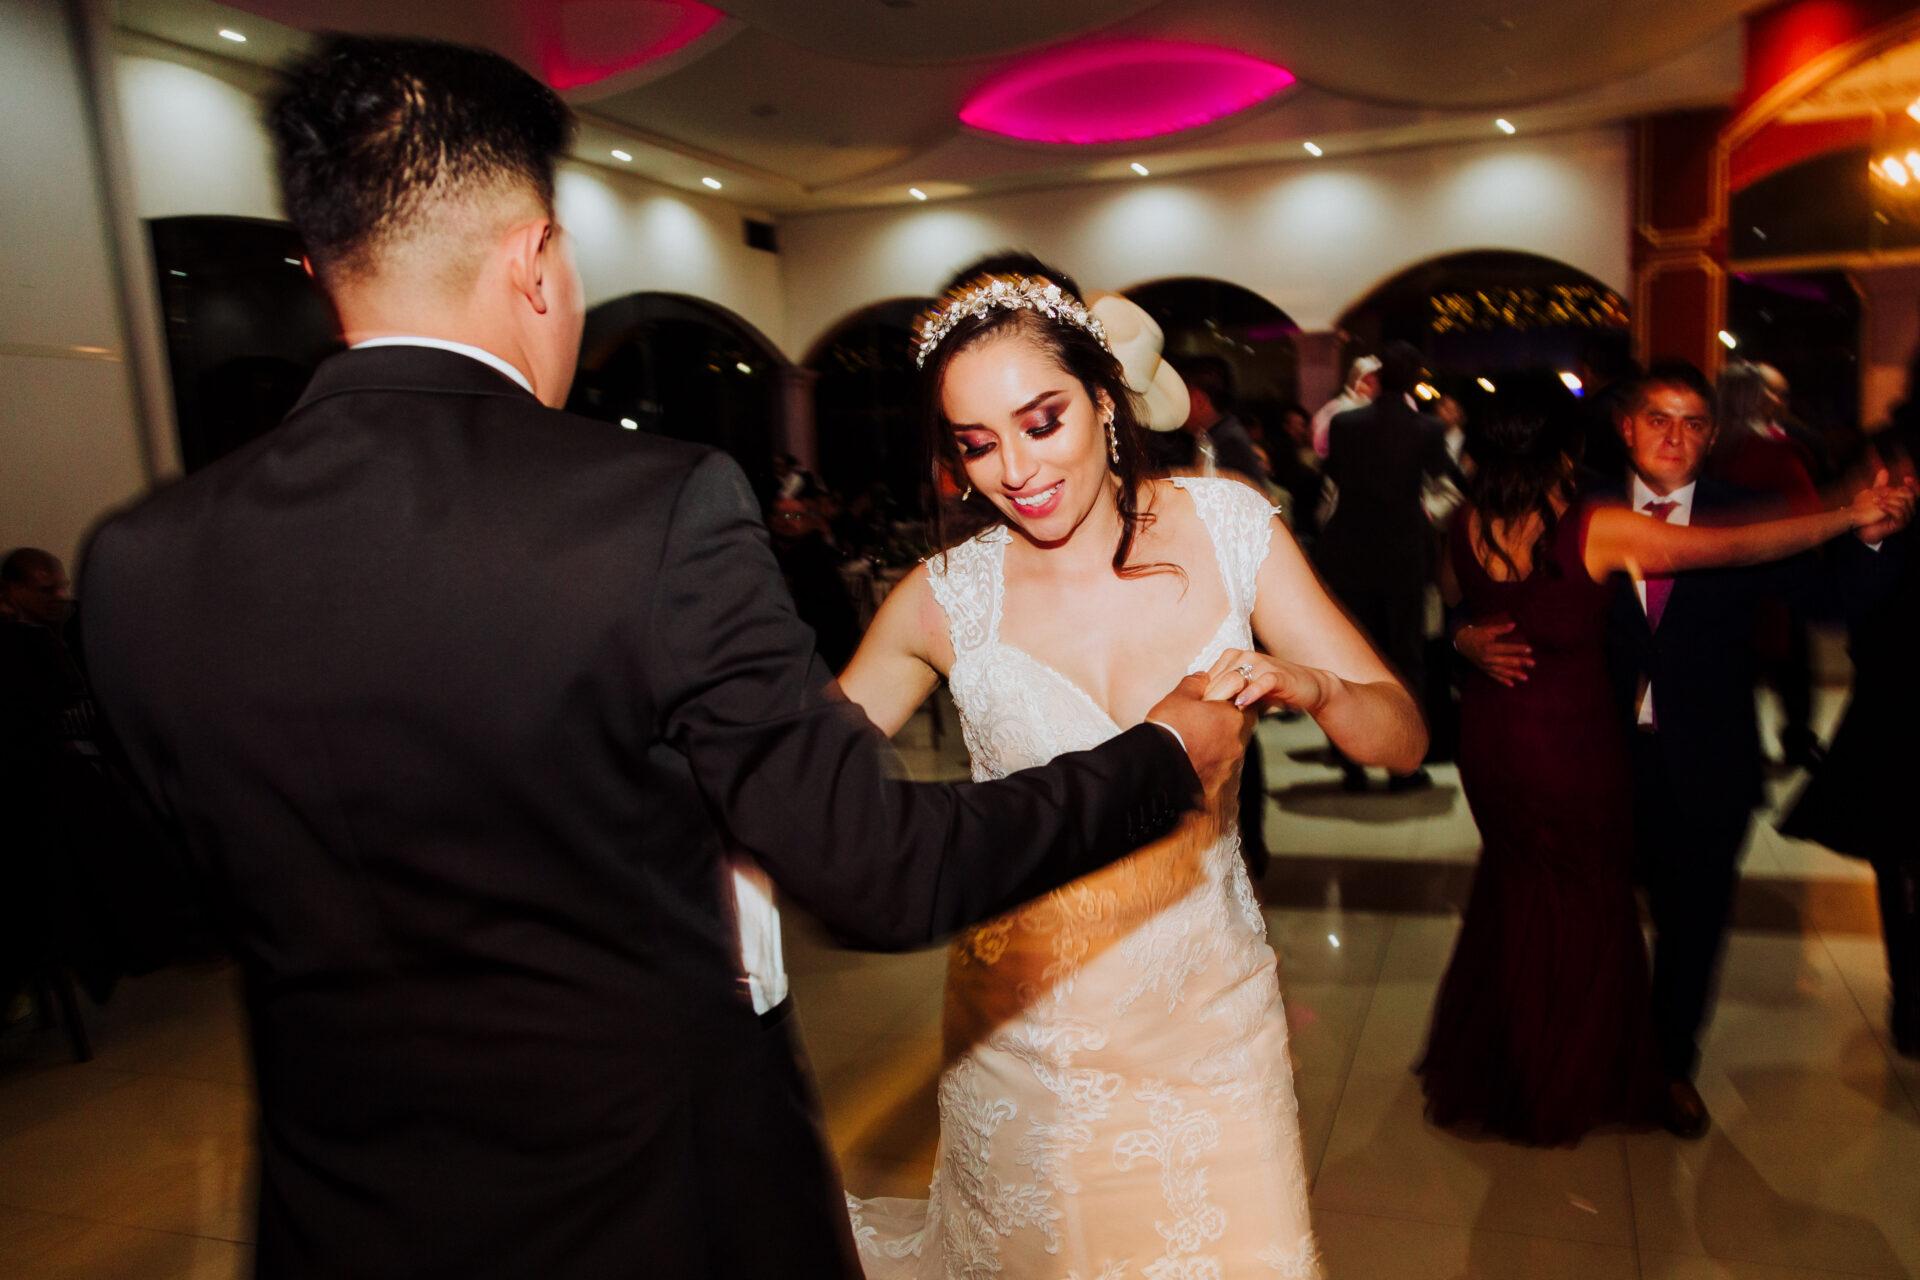 javier_noriega_fotografo_Boda_san_ramon_zacatecas_wedding_photographer31